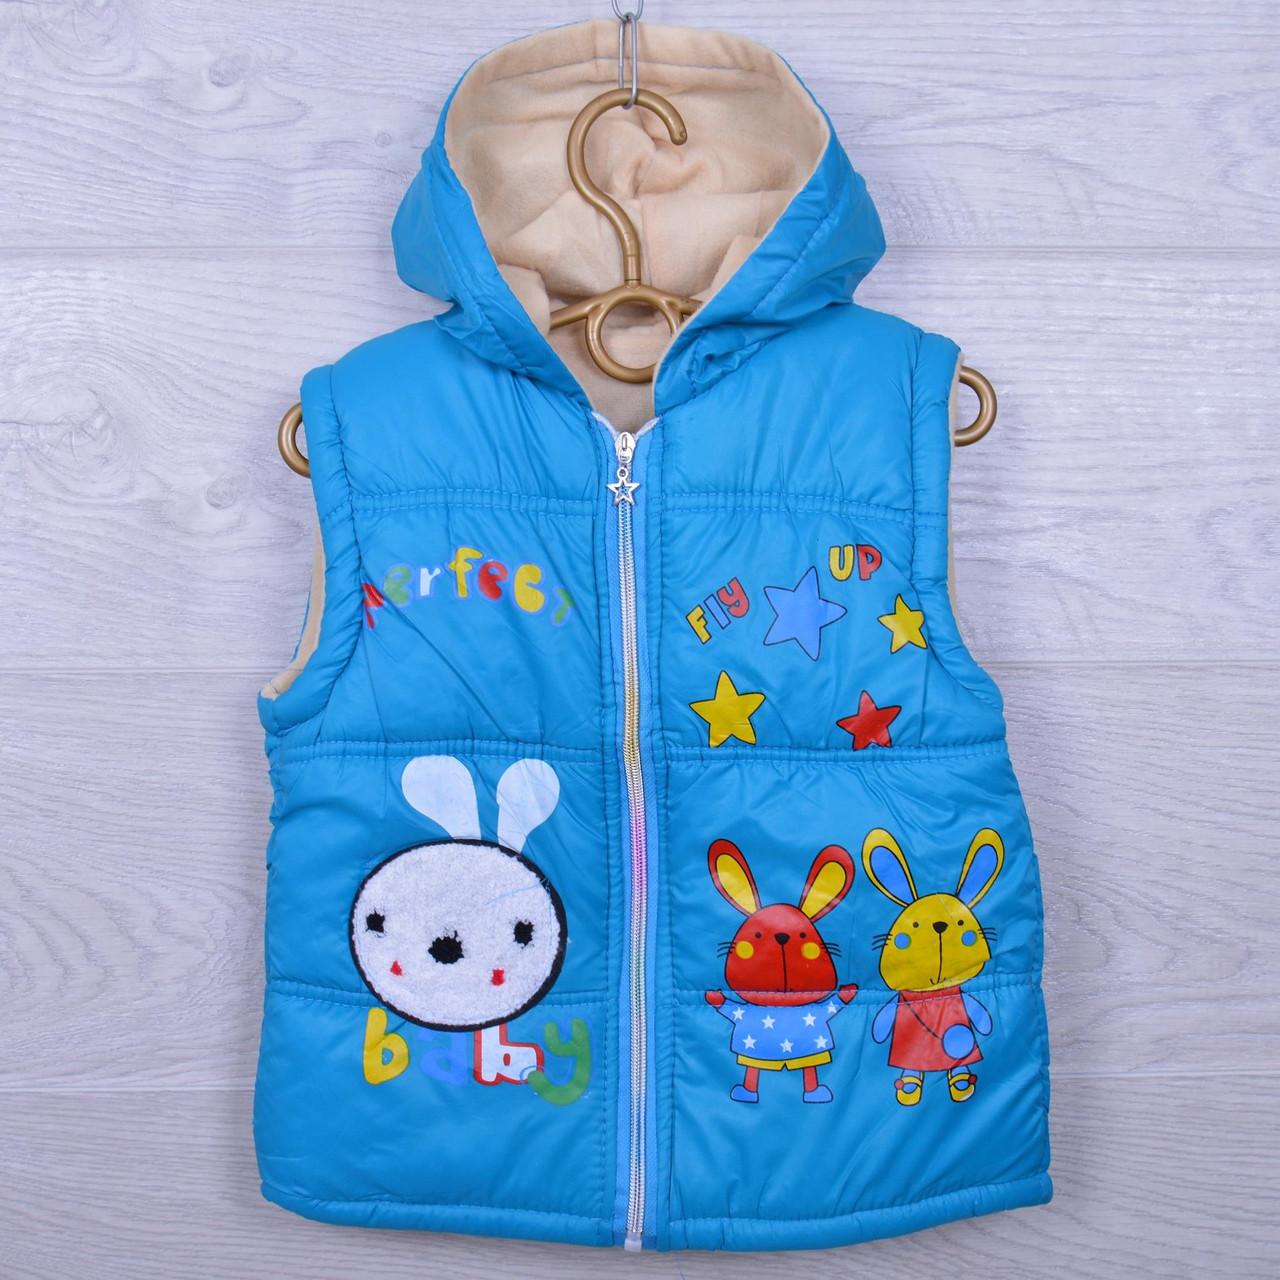 Детская демисезонная жилетка Зайчики #18/2 для девочек. 3-5 лет. Голубая. Оптом.